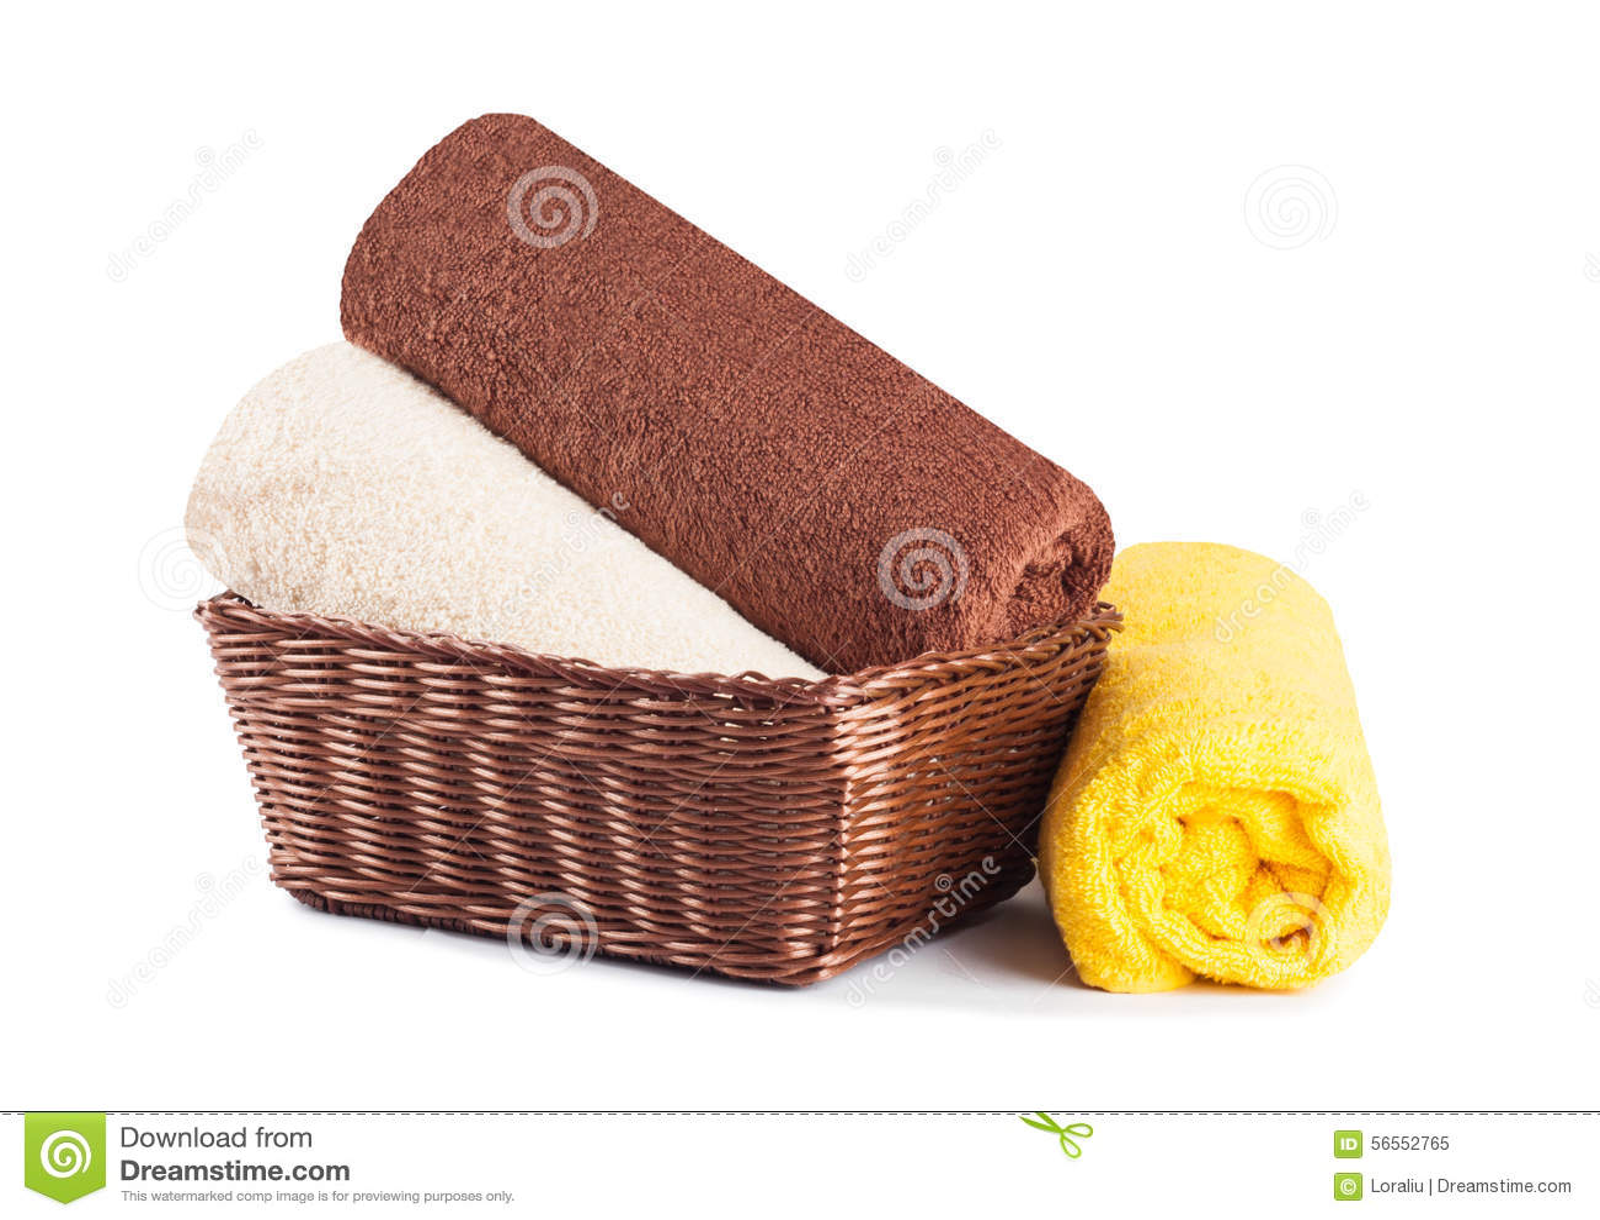 Download Σωρός των καθαρών φρέσκων πετσετών που απομονώνονται Στοκ Εικόνα - εικόνα από bazaars, αντικείμενο: 56552765